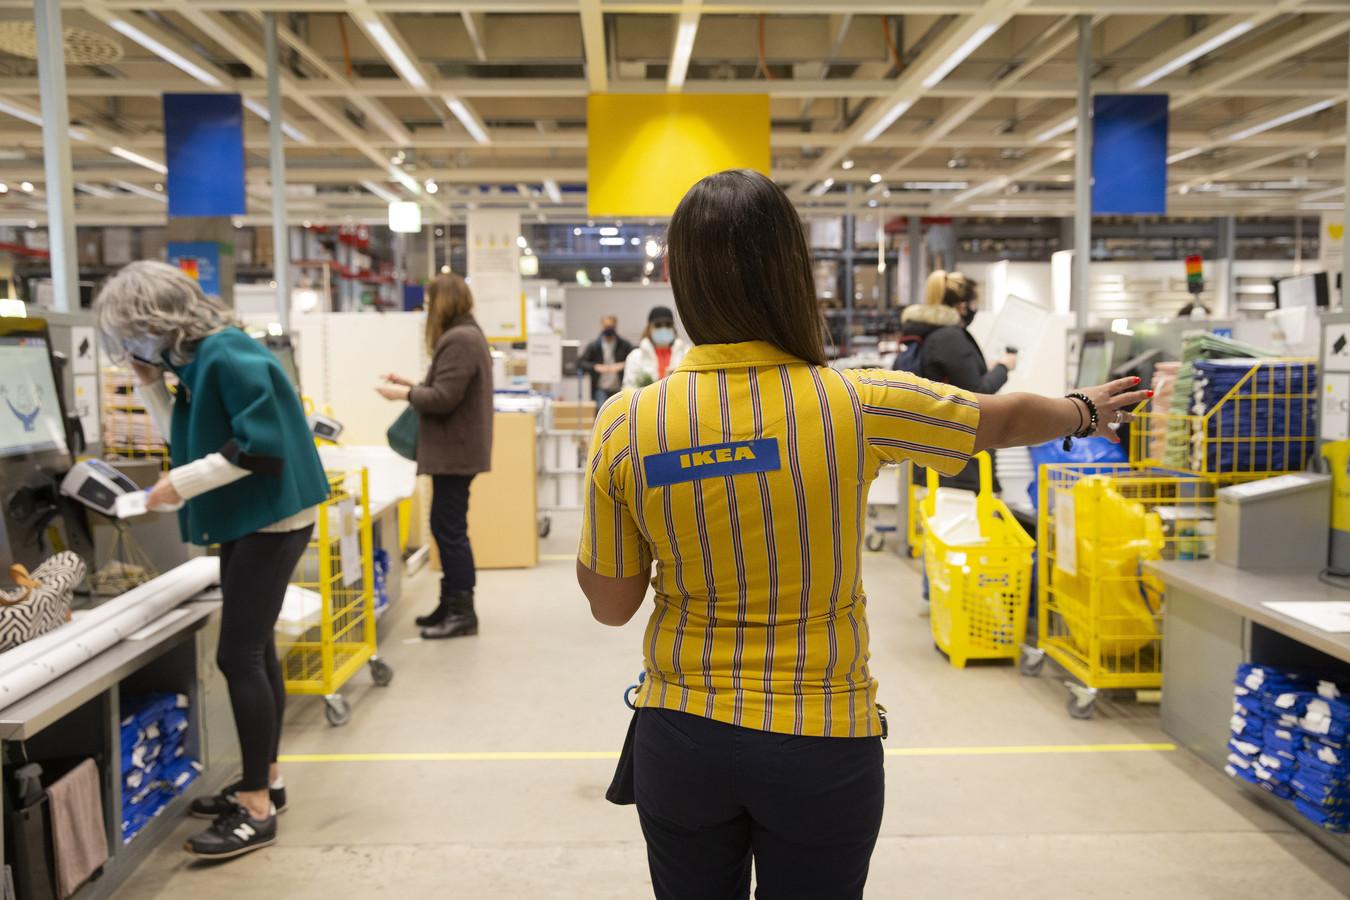 Een werknemer van Ikea wijst verschillende zelfscankassa's toe aan klanten